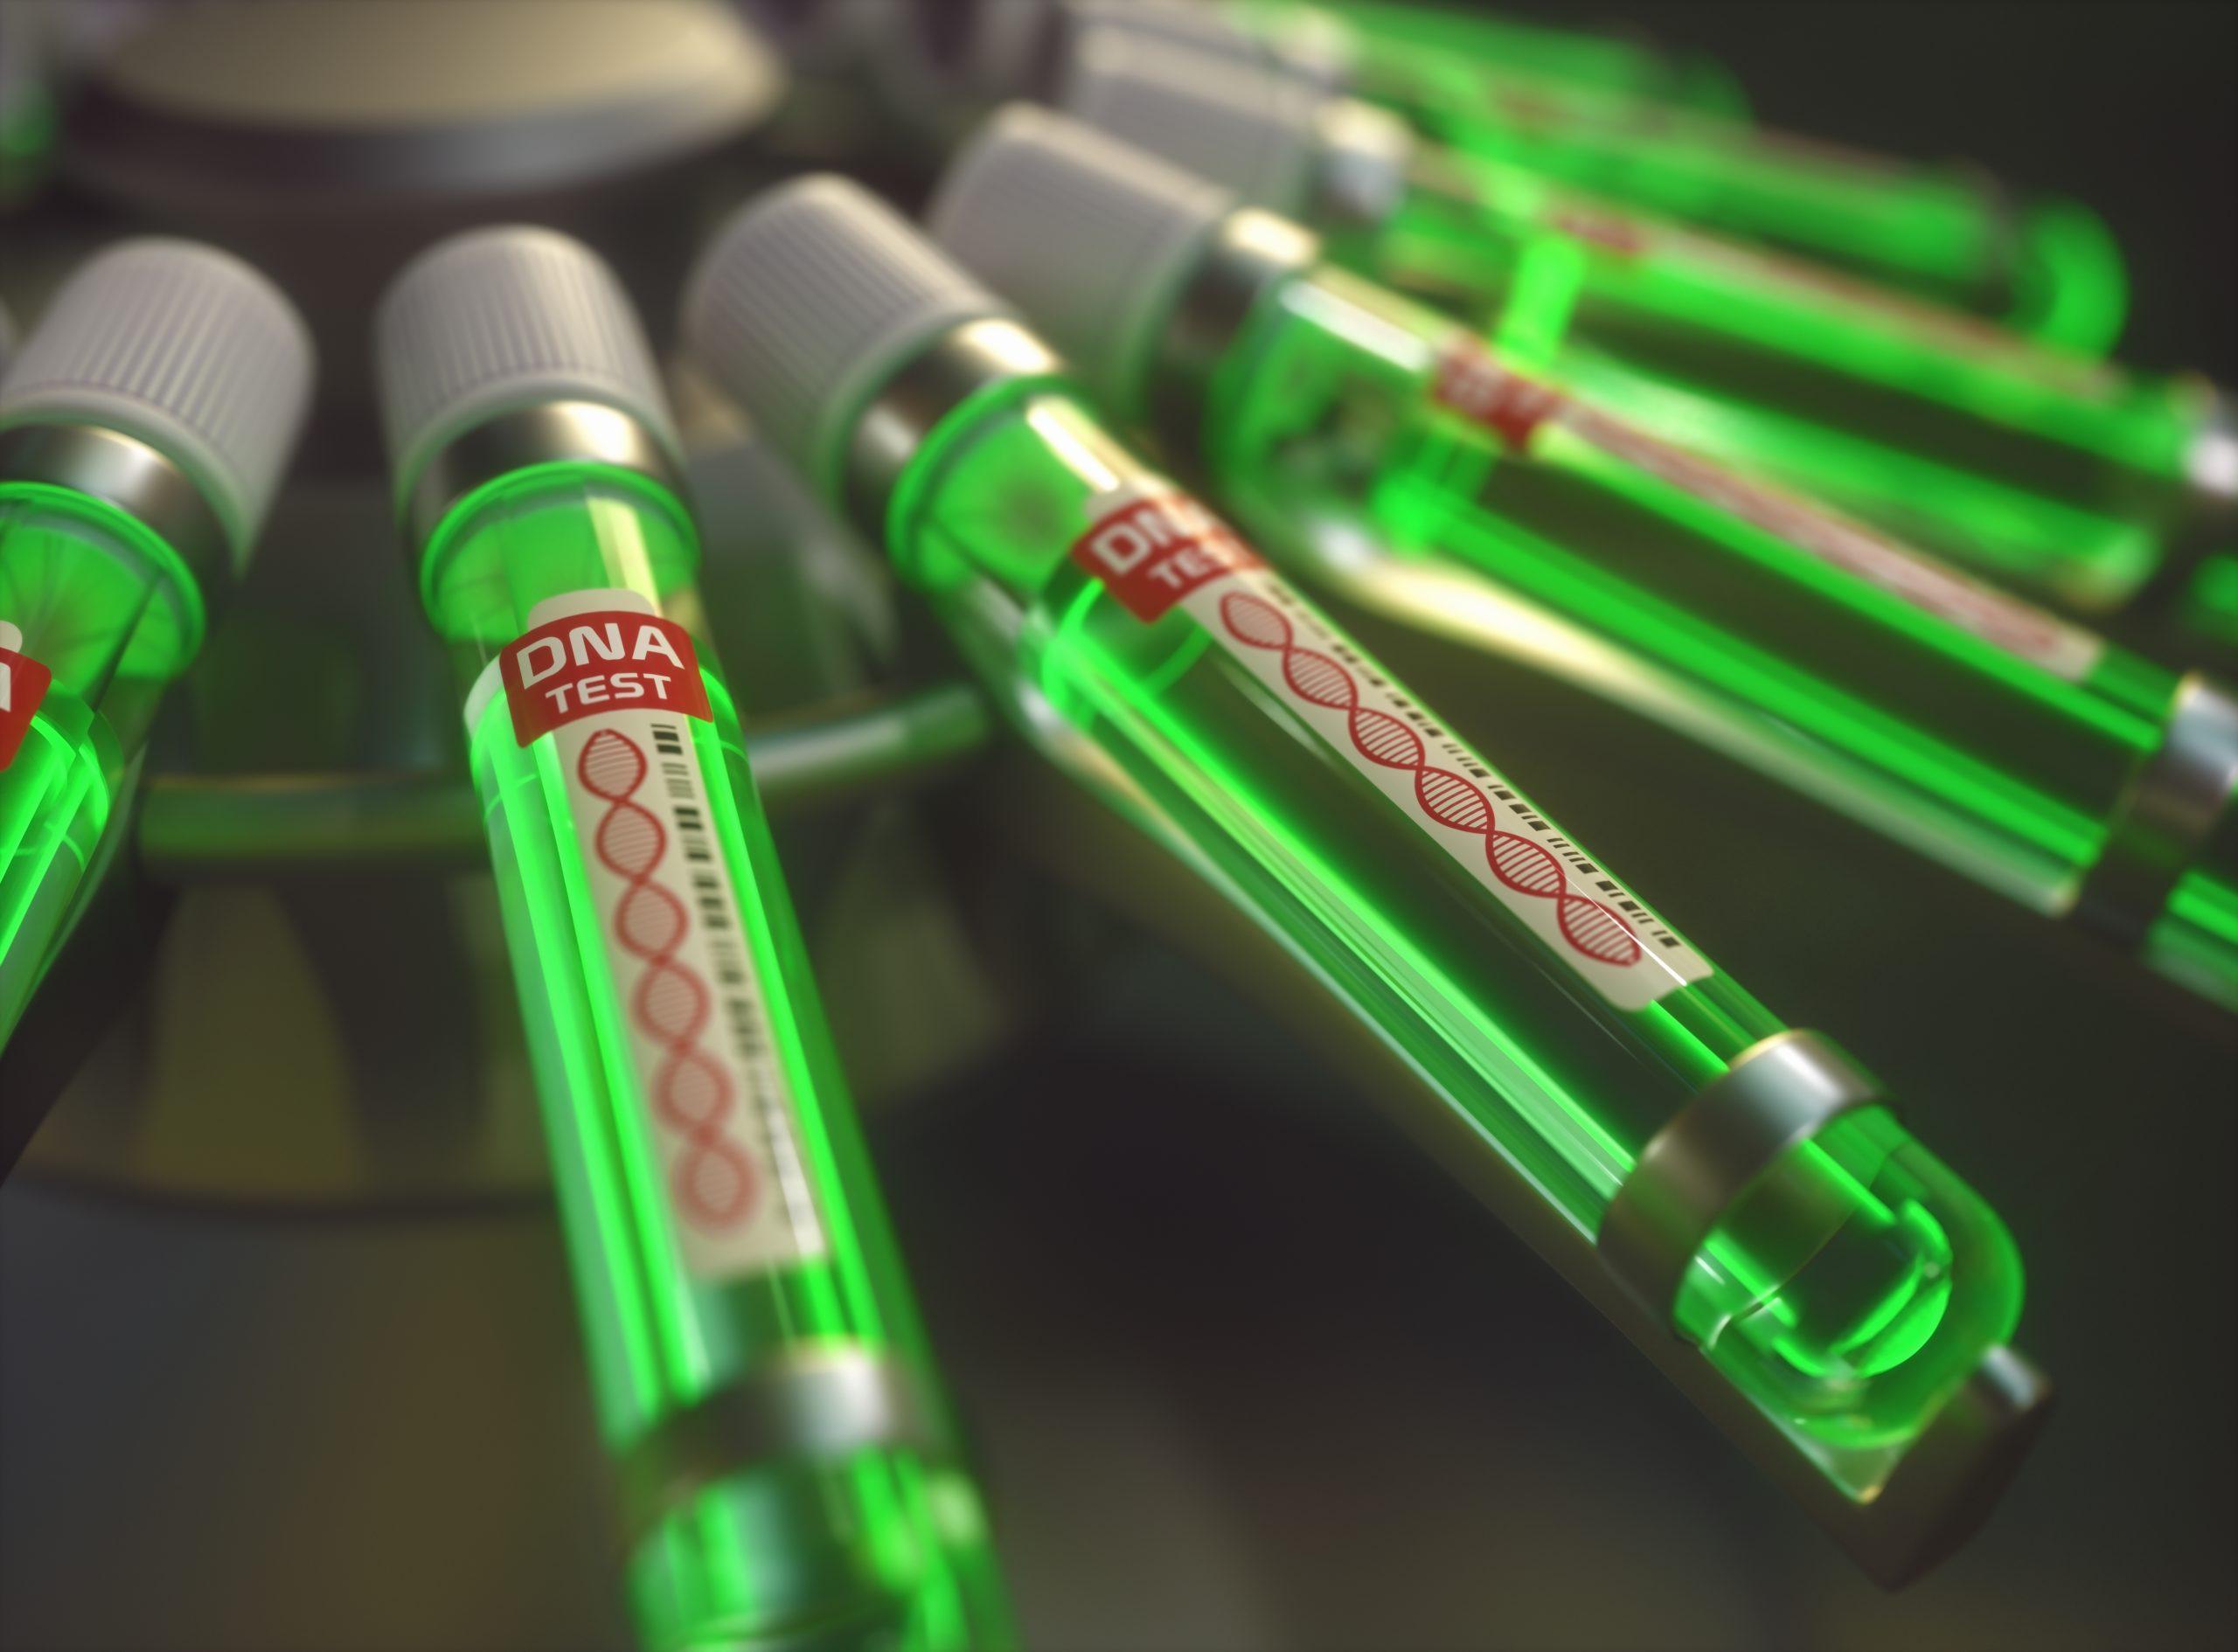 prueba-genetica-de-adn-prueba-genetica-metodos-y-beneficios-3d-ilustracion-prueba-genetica-en-tubo-de-ensayo